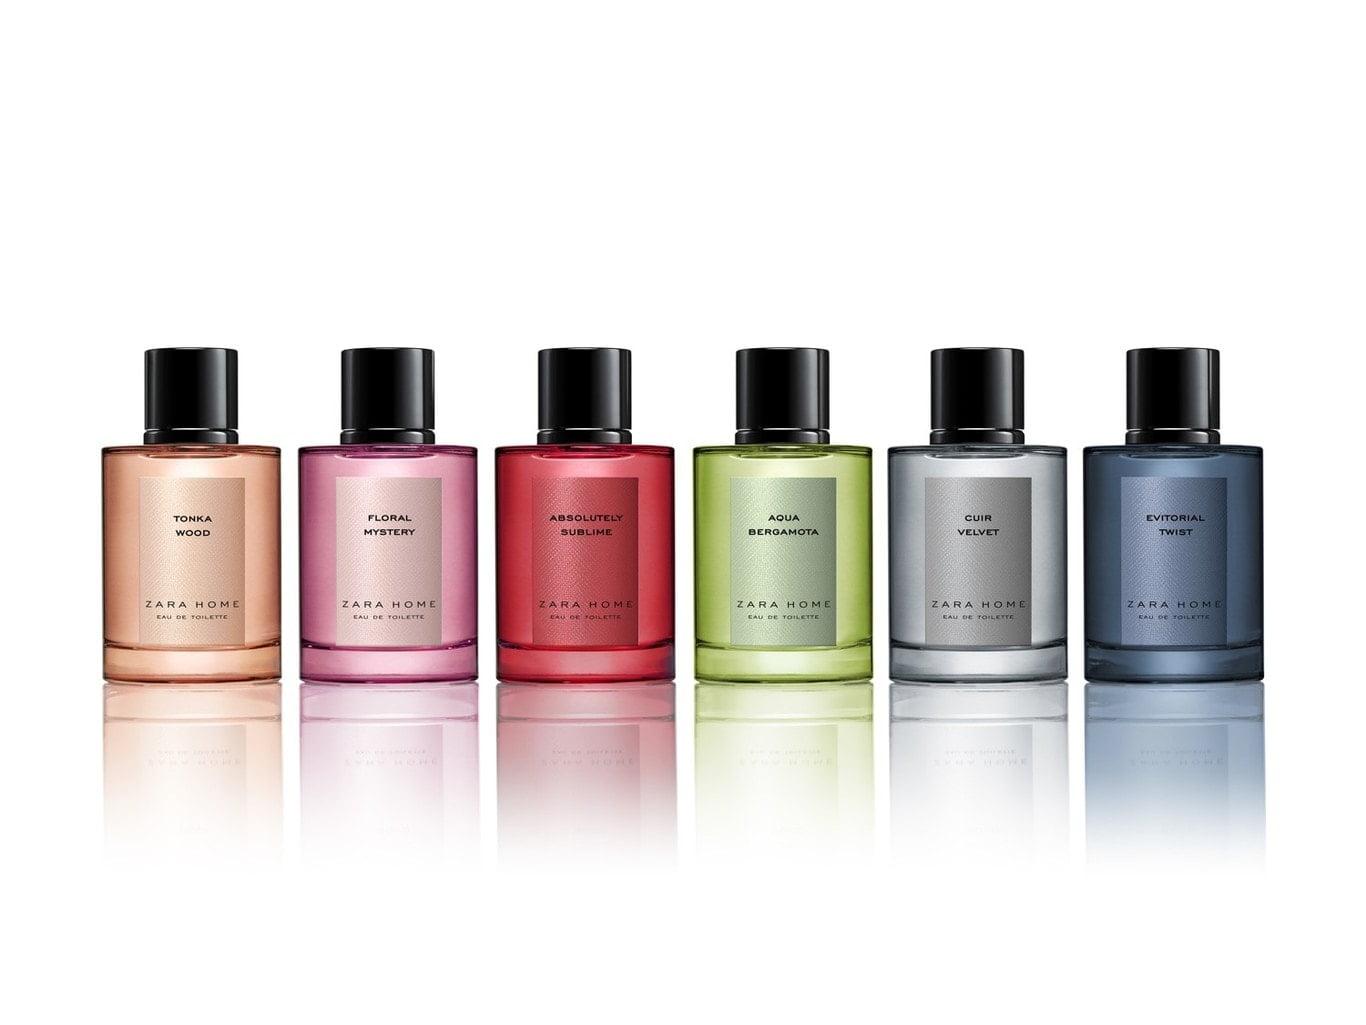 Llega The Perfume Collection, las nuevas fragancias de Zara Home